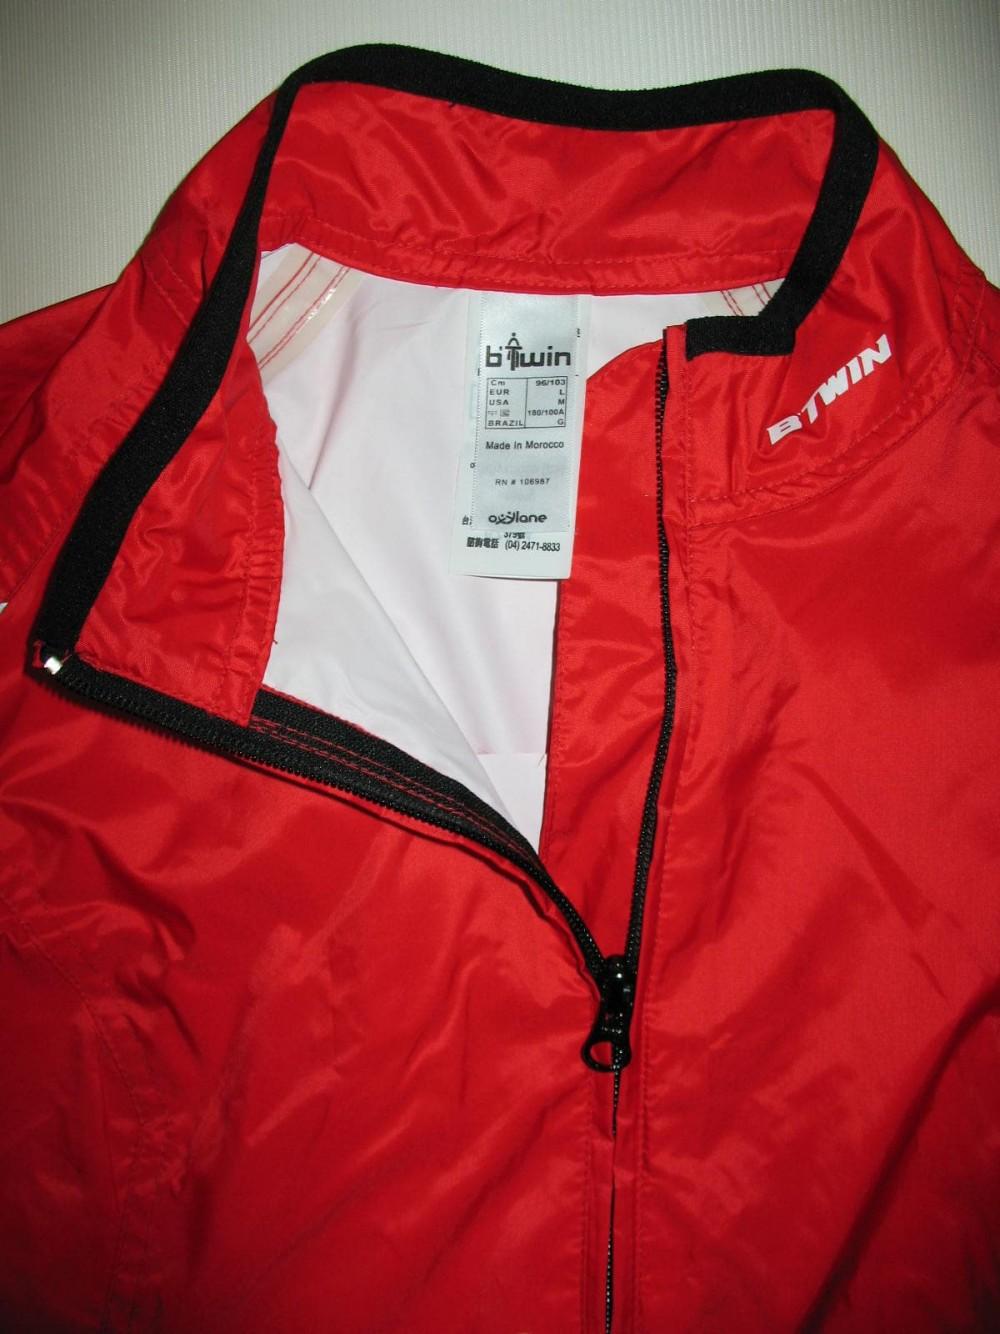 Куртка BTWIN rain cycling jacket (размер L) - 3